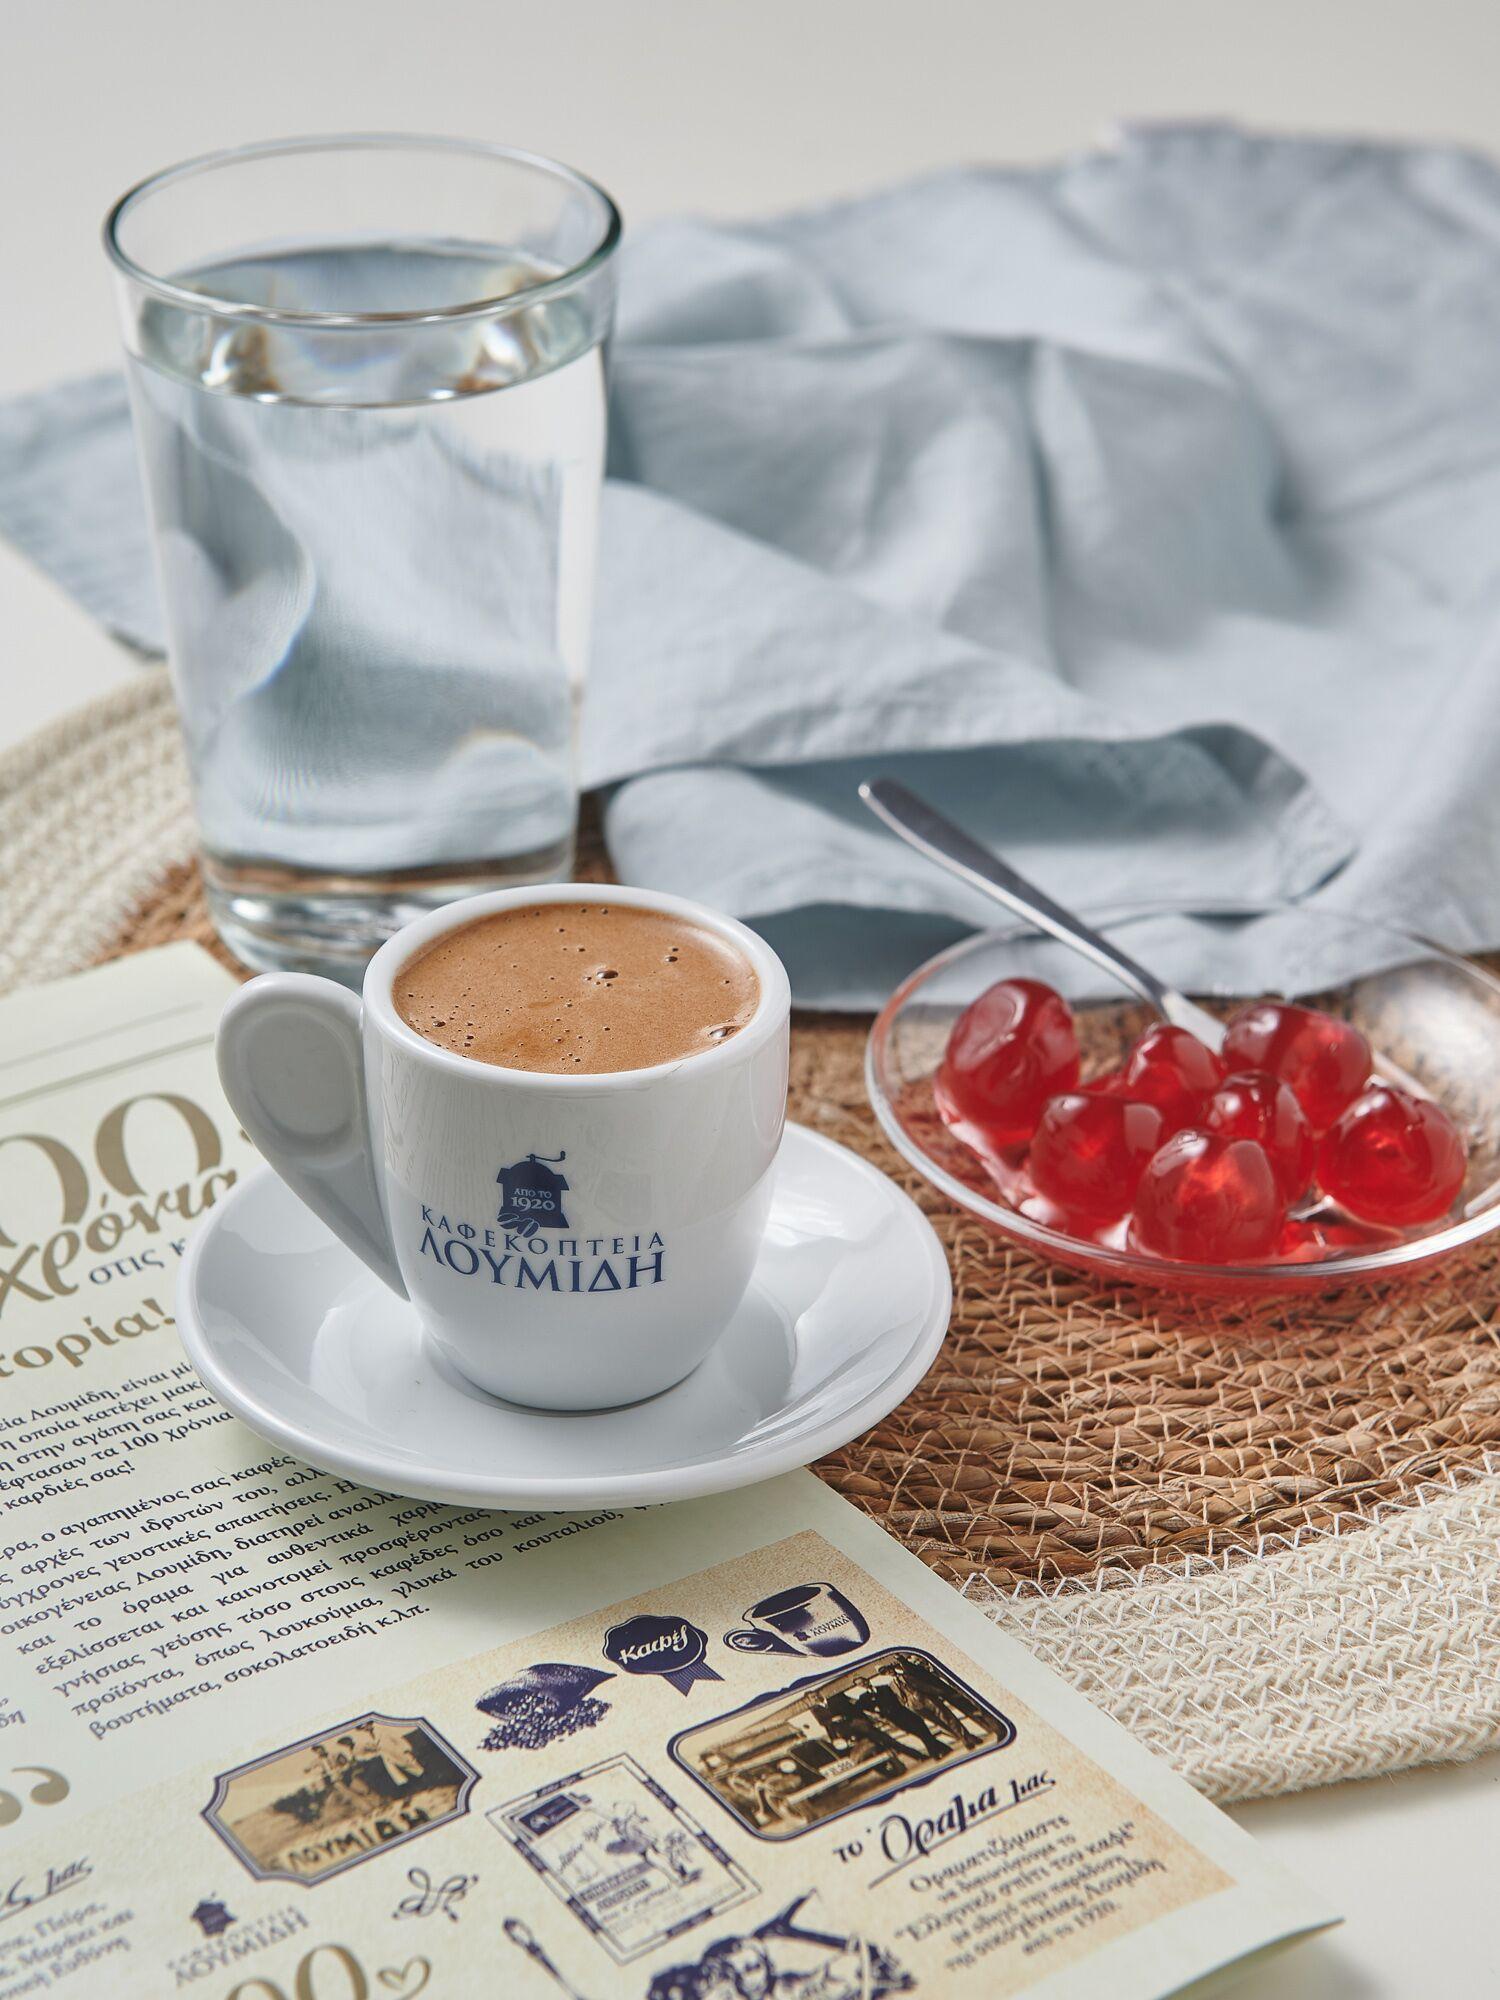 Καφεκοπτεία Λουμίδη Καφές και Γλυκό Κουταλιού